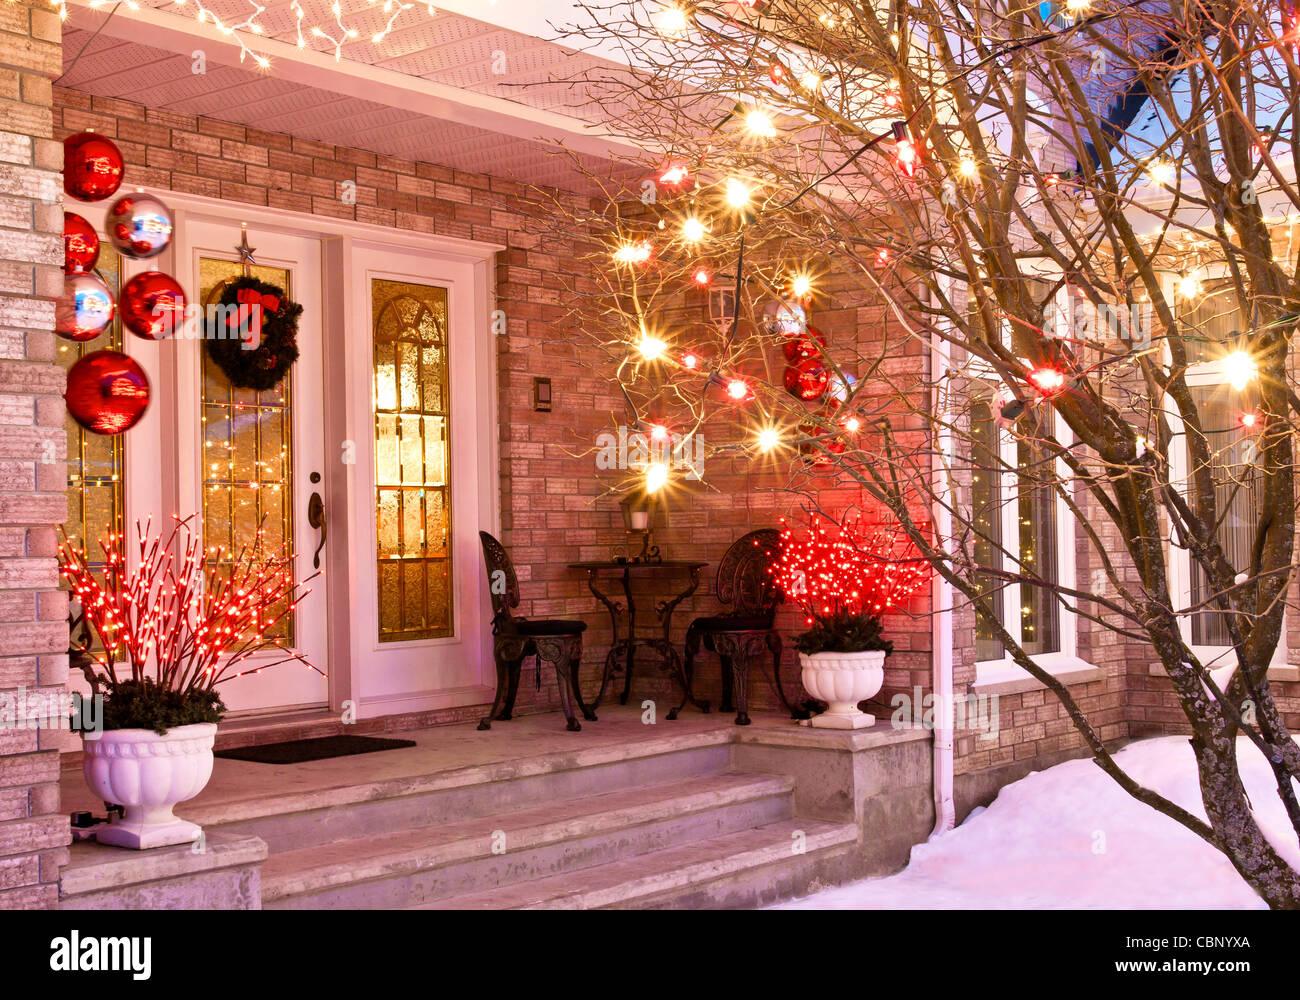 Sedie Decorate Per Natale : Home ingresso decorato per il natale compresi luci corona bistro